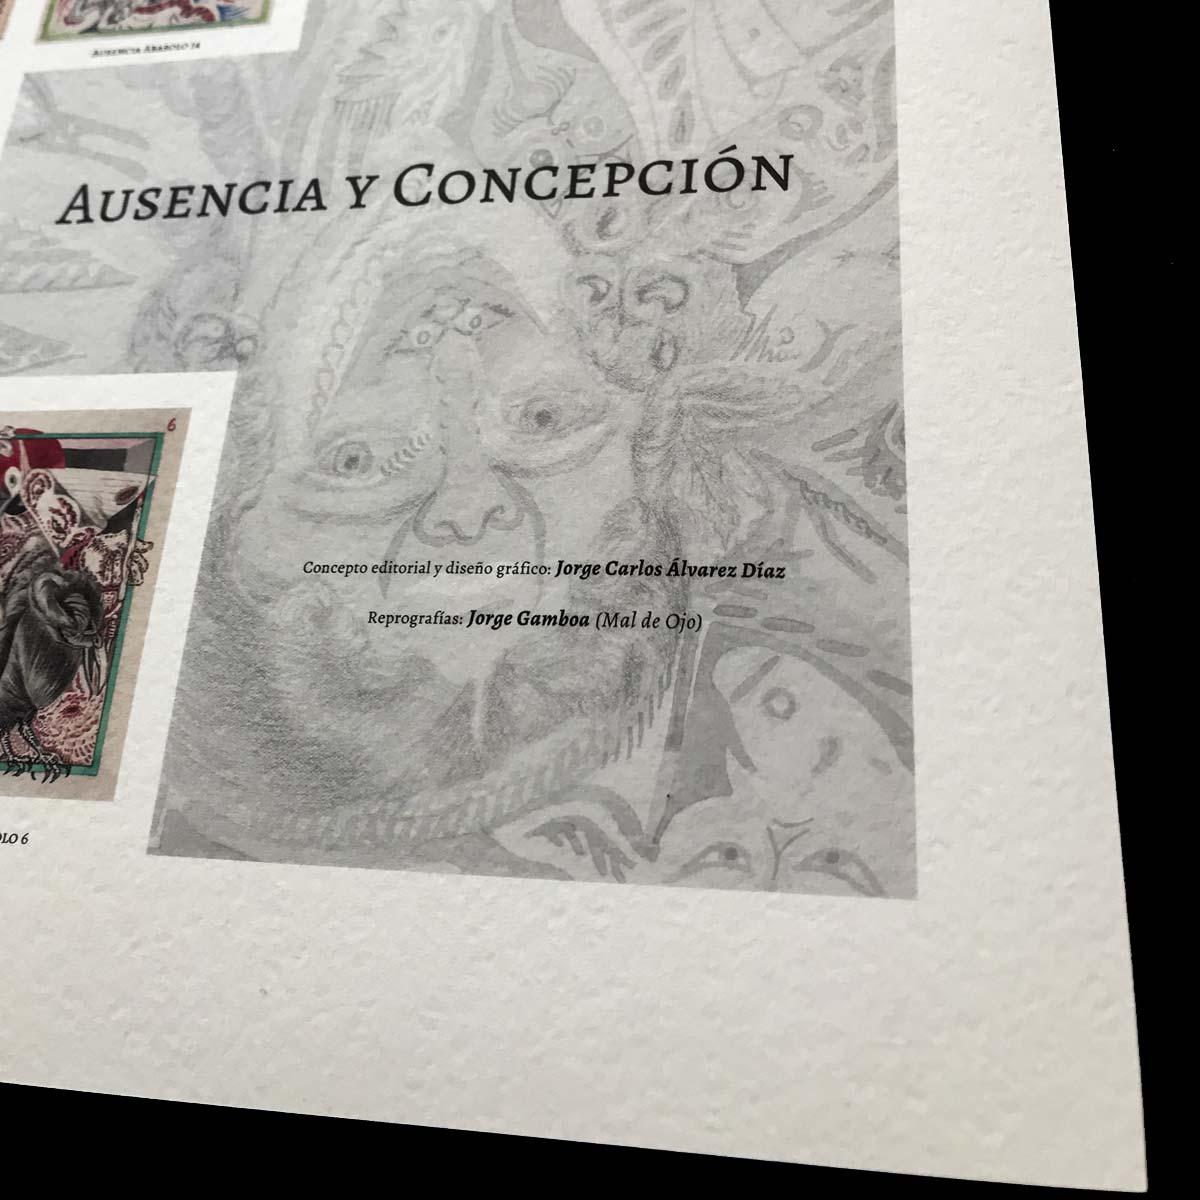 08-Carpeta-Ausencia-Concepcion-Alvarez